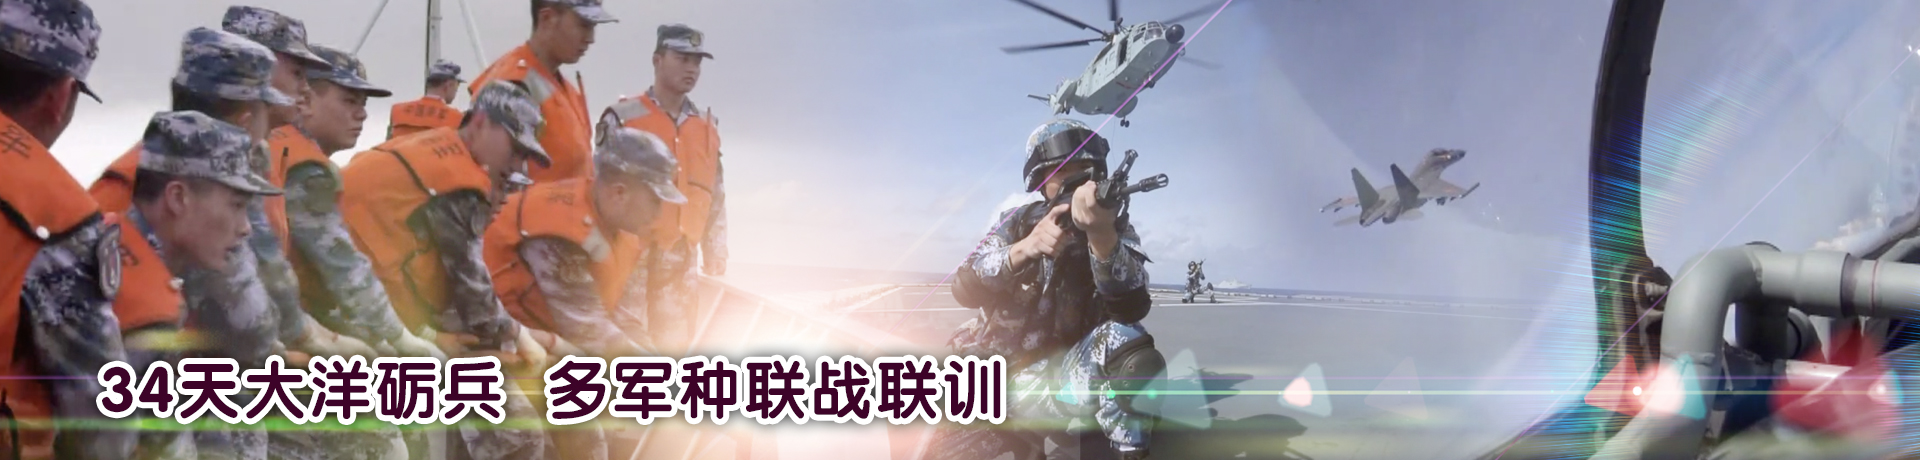 【新春走基层 记者在战位】34天大洋砺兵 多军种联战联训